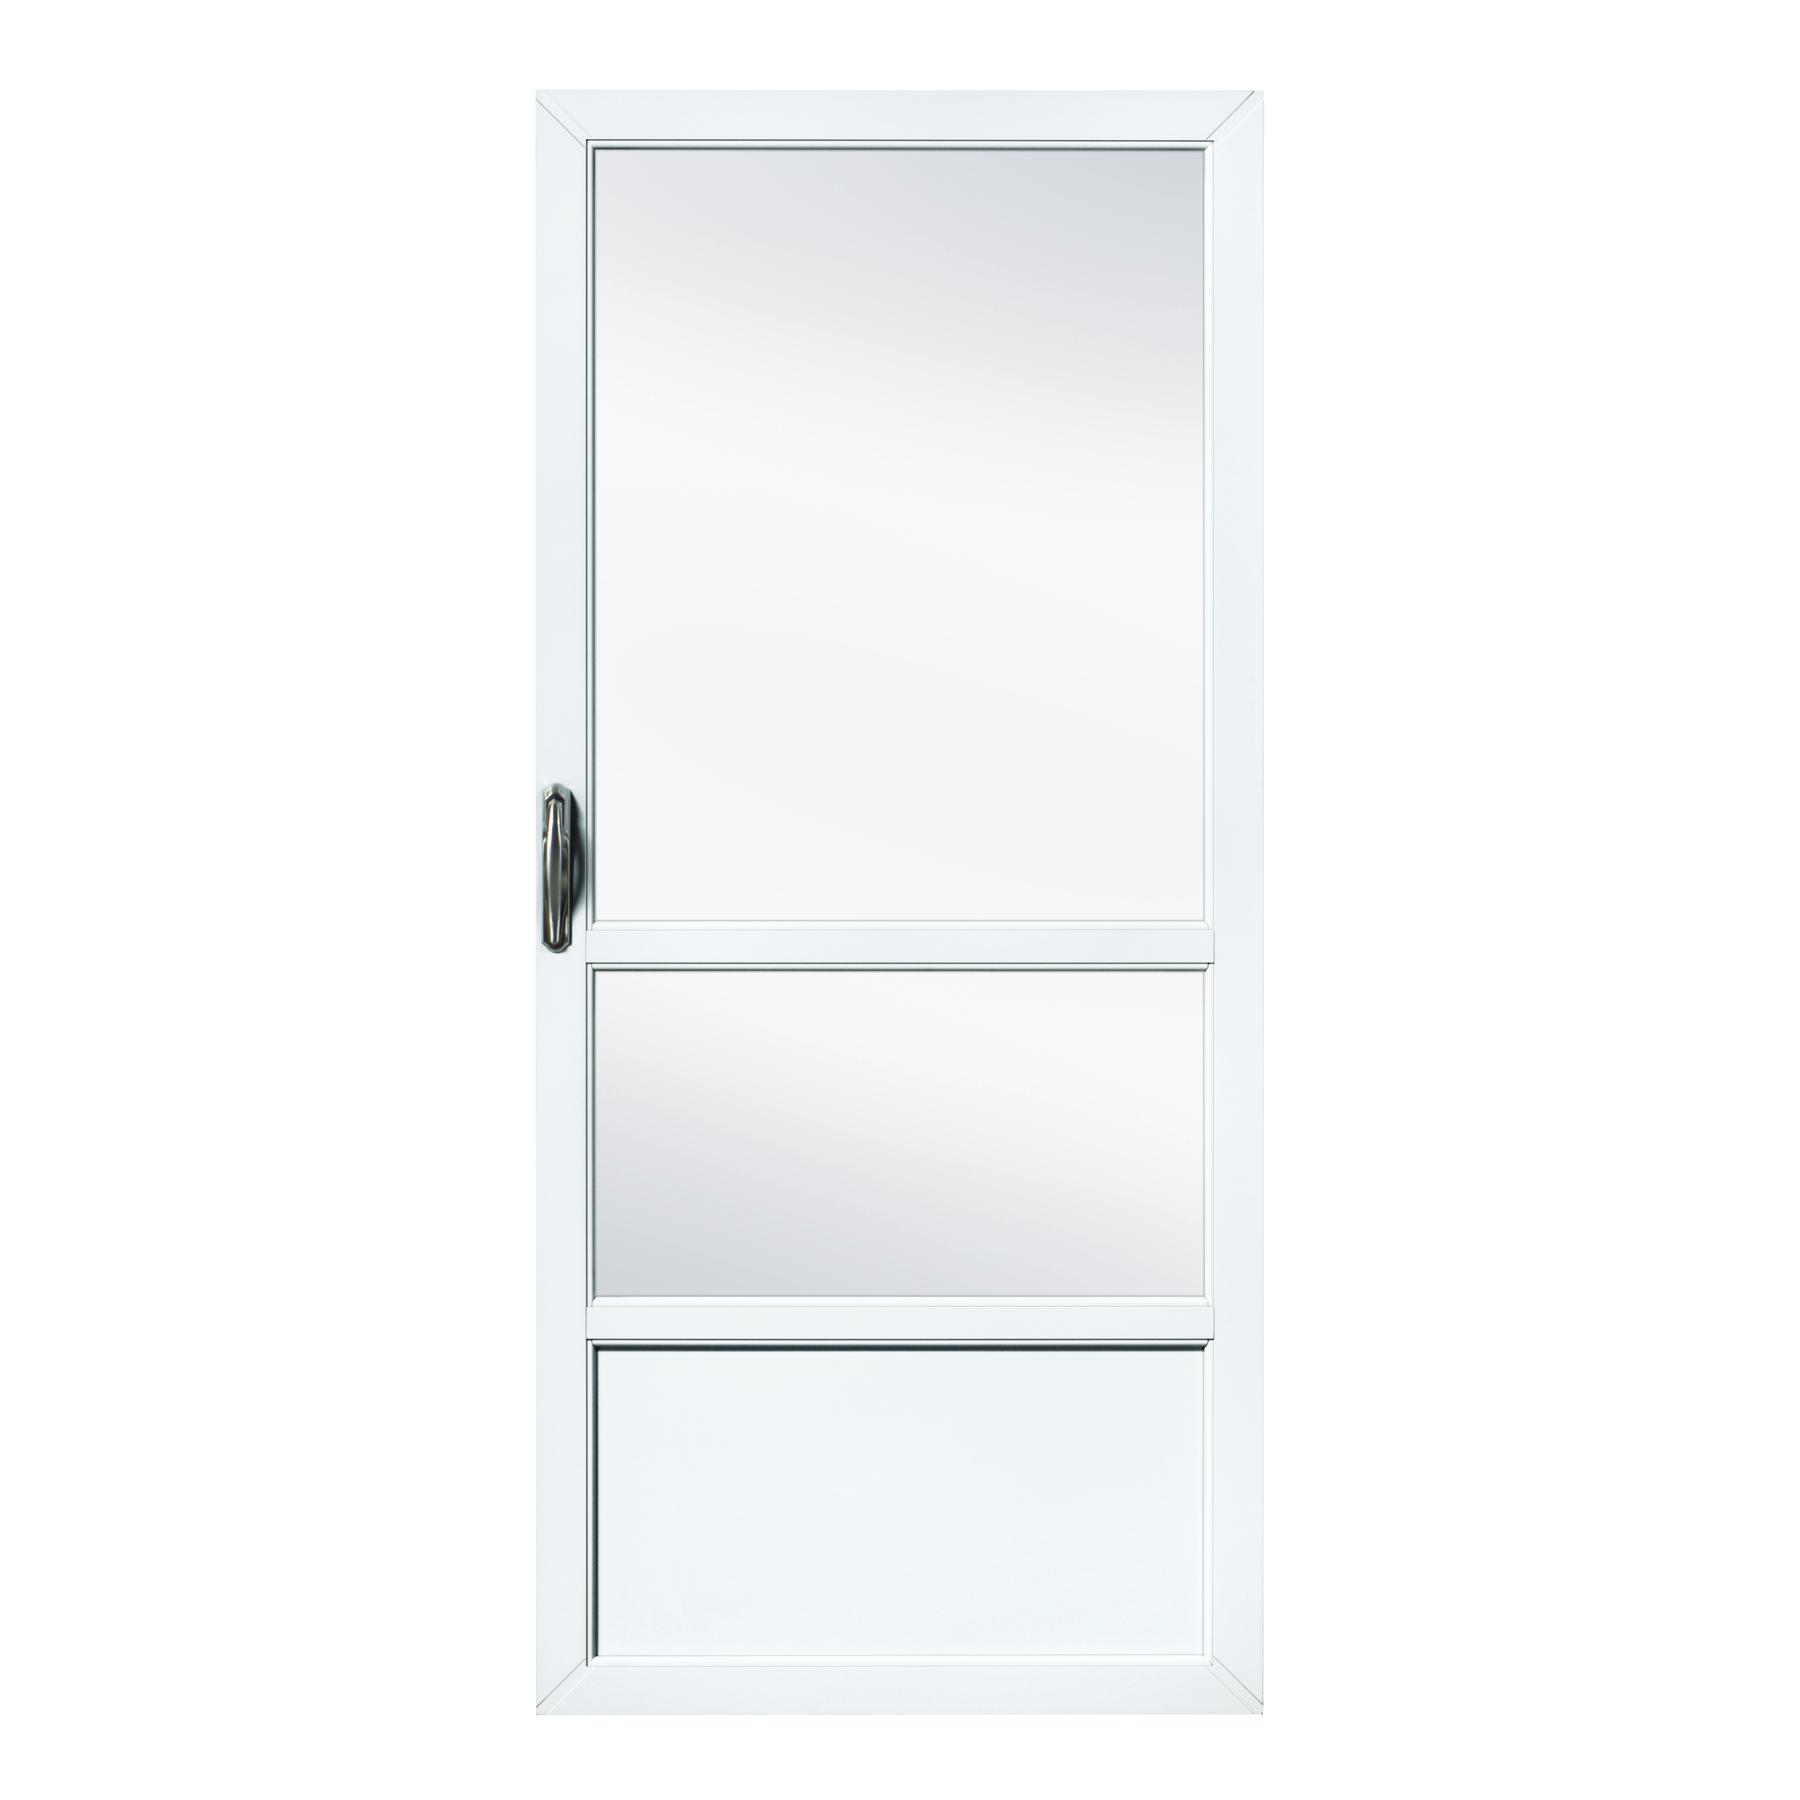 Fox Weldor Harmony Model 2120 Storm Door